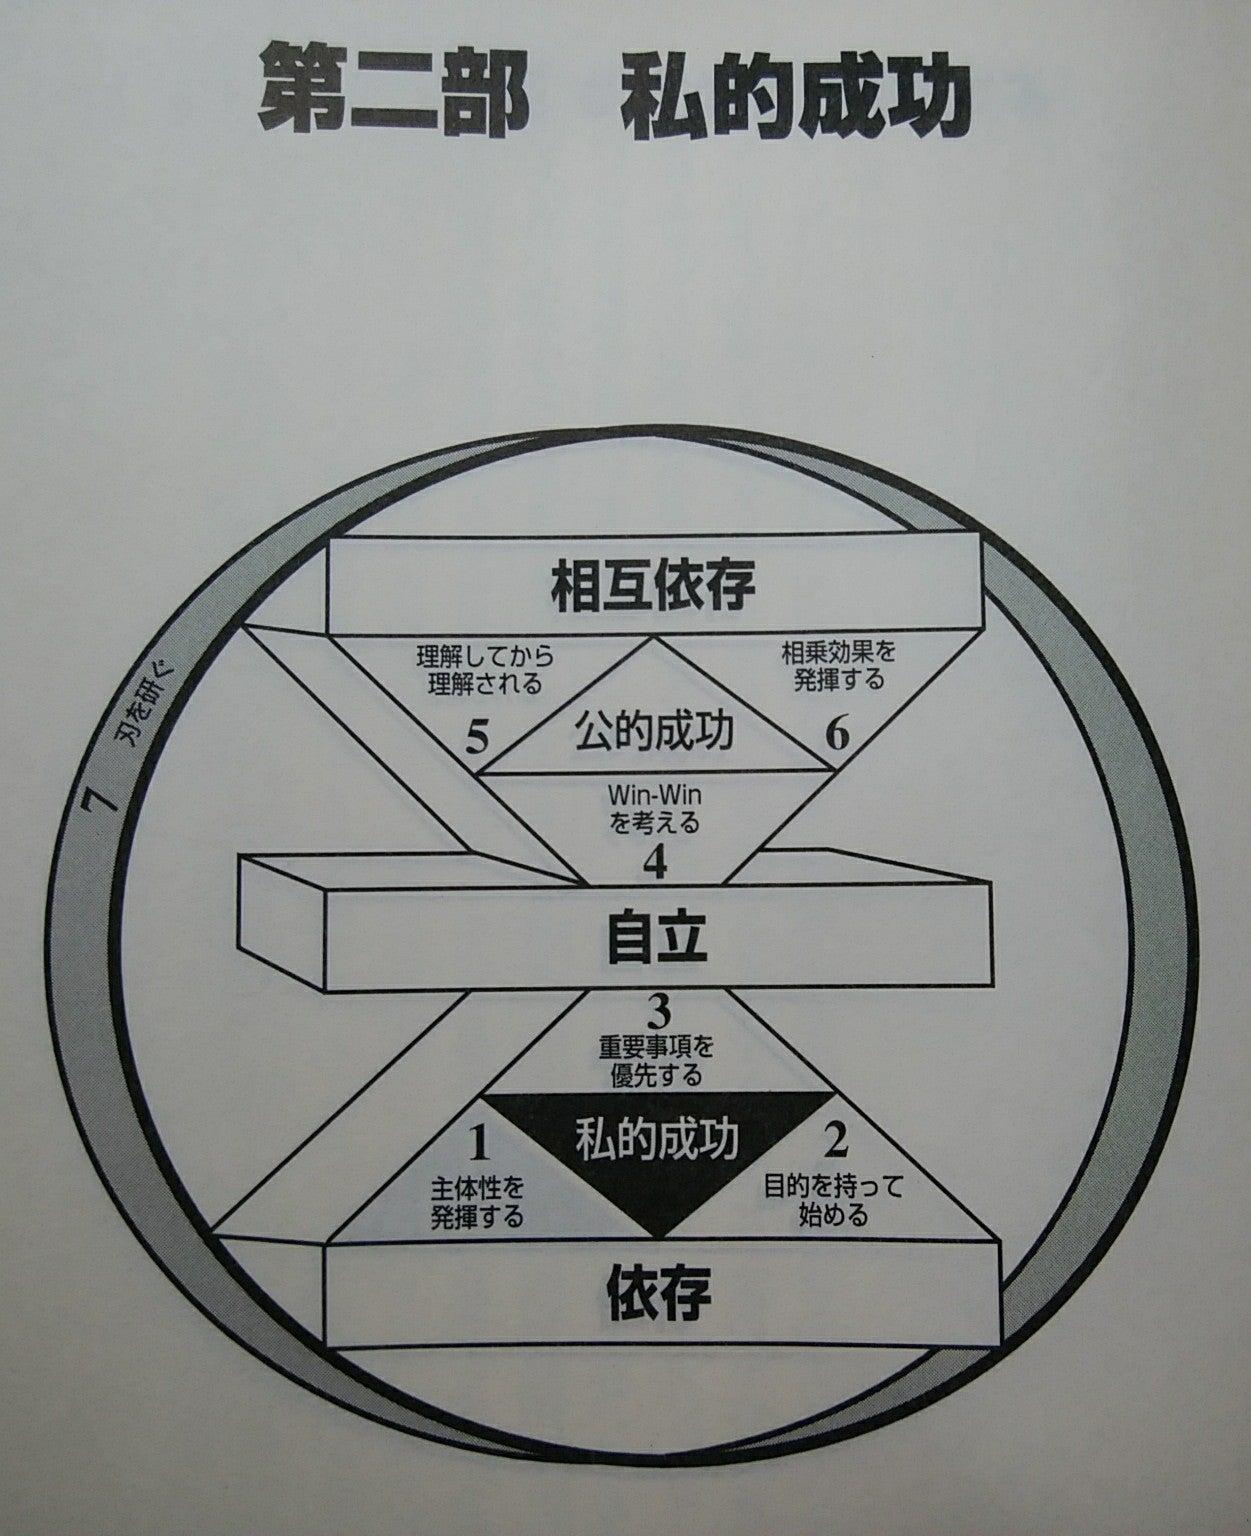 て 求め 歪ん を の 三角形 和 だ